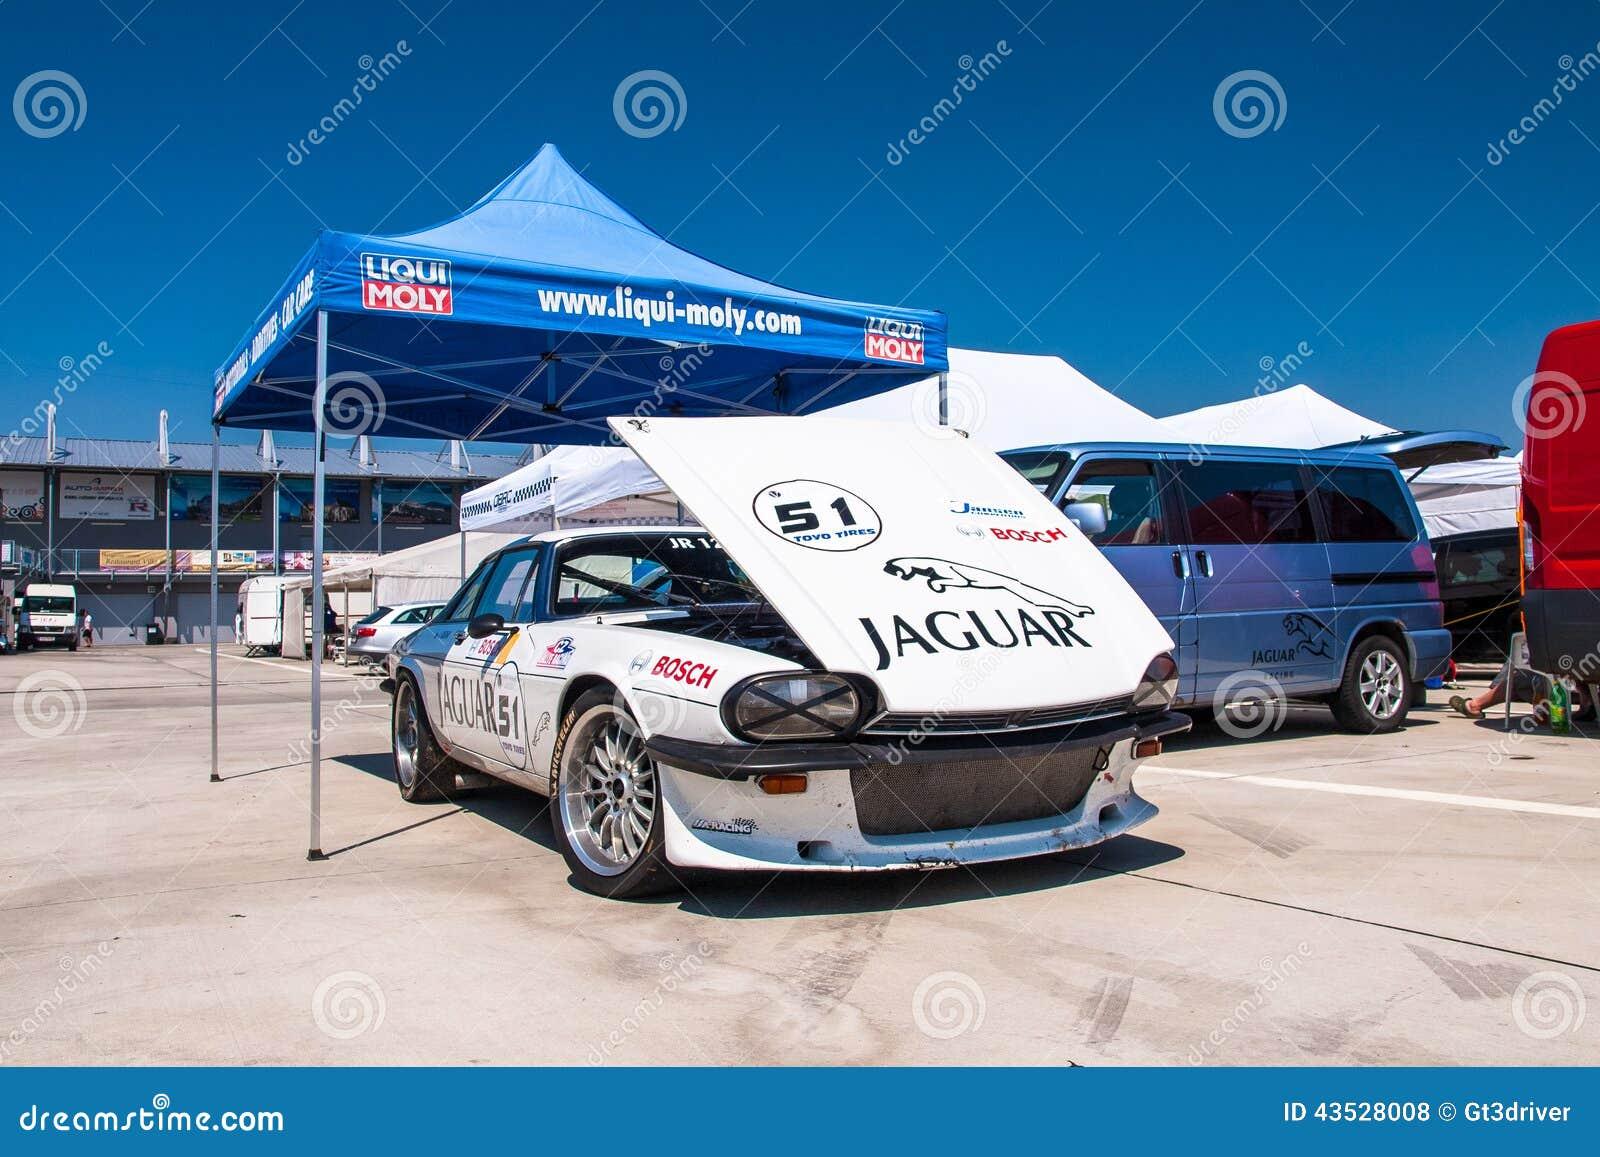 Jaguar XJS racing car editorial stock photo. Image of golf - 43528008